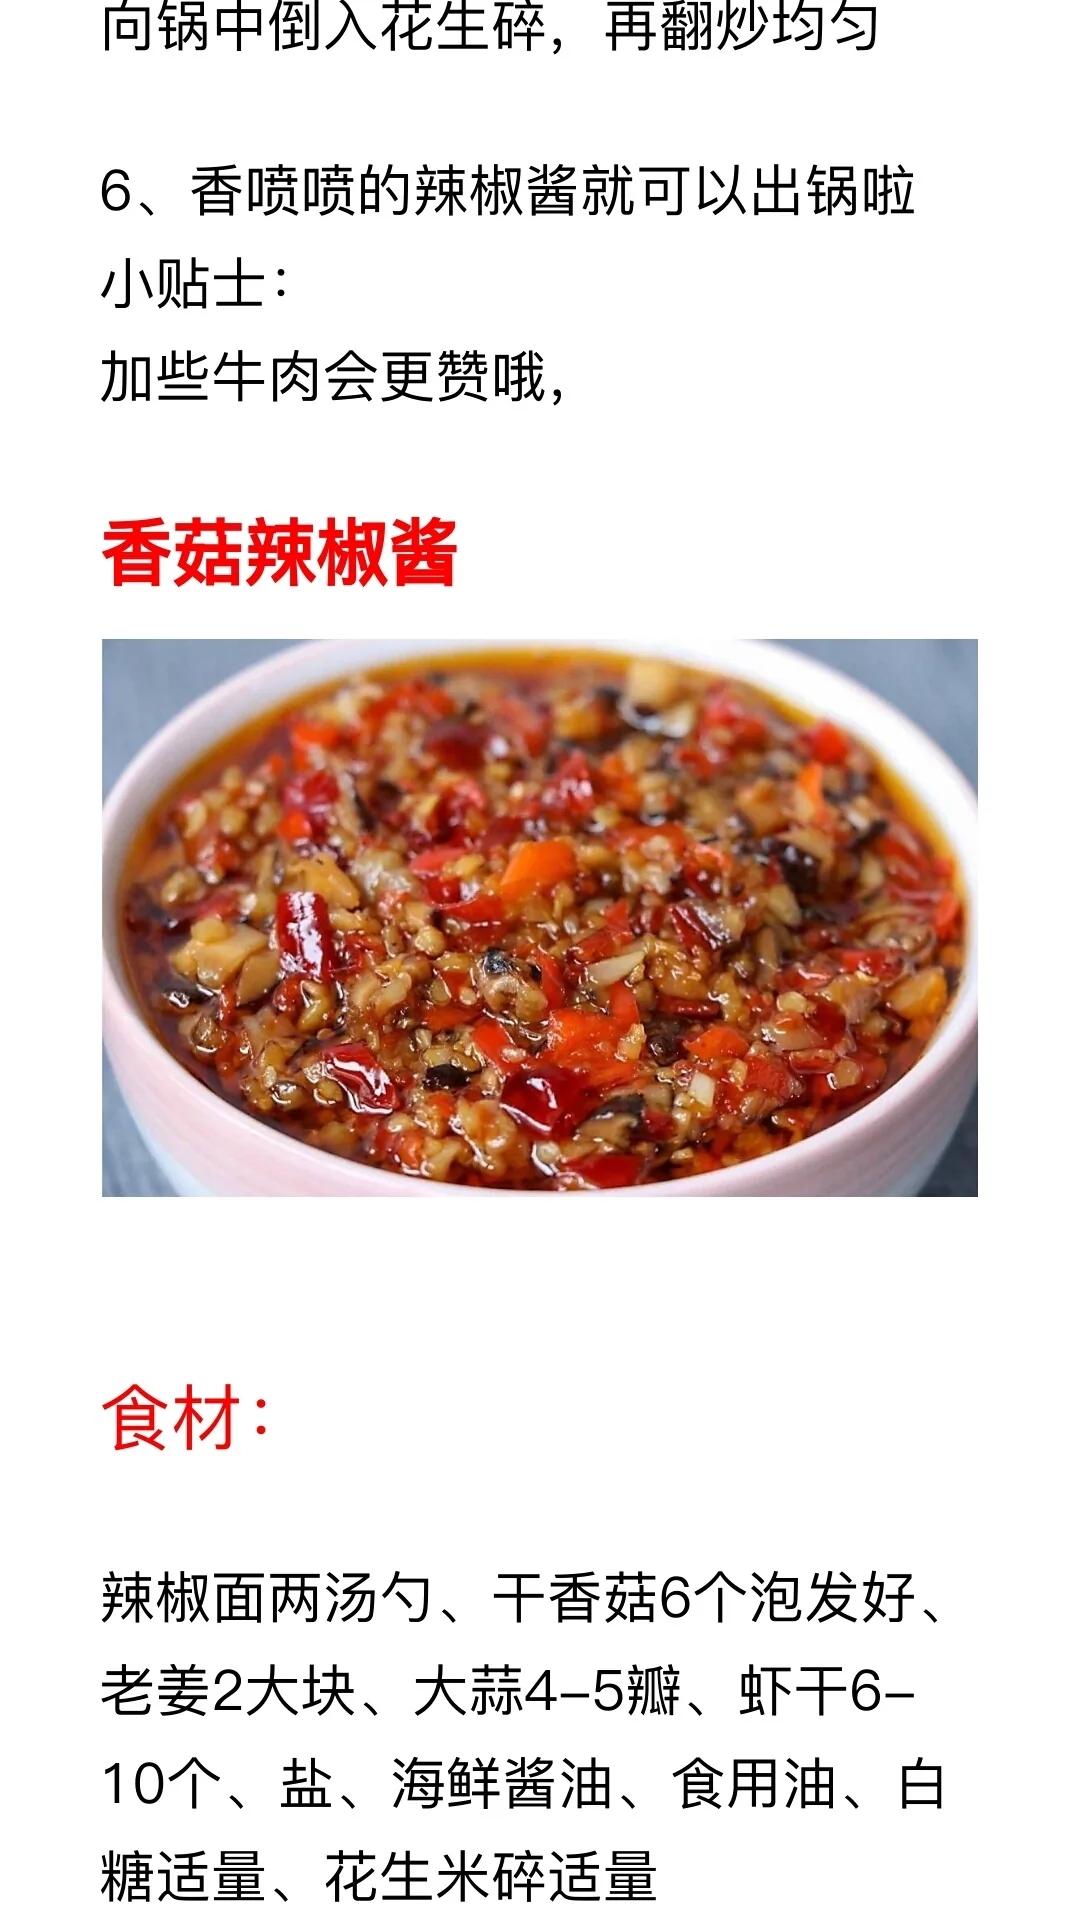 辣椒酱的做法及配料 美食做法 第19张